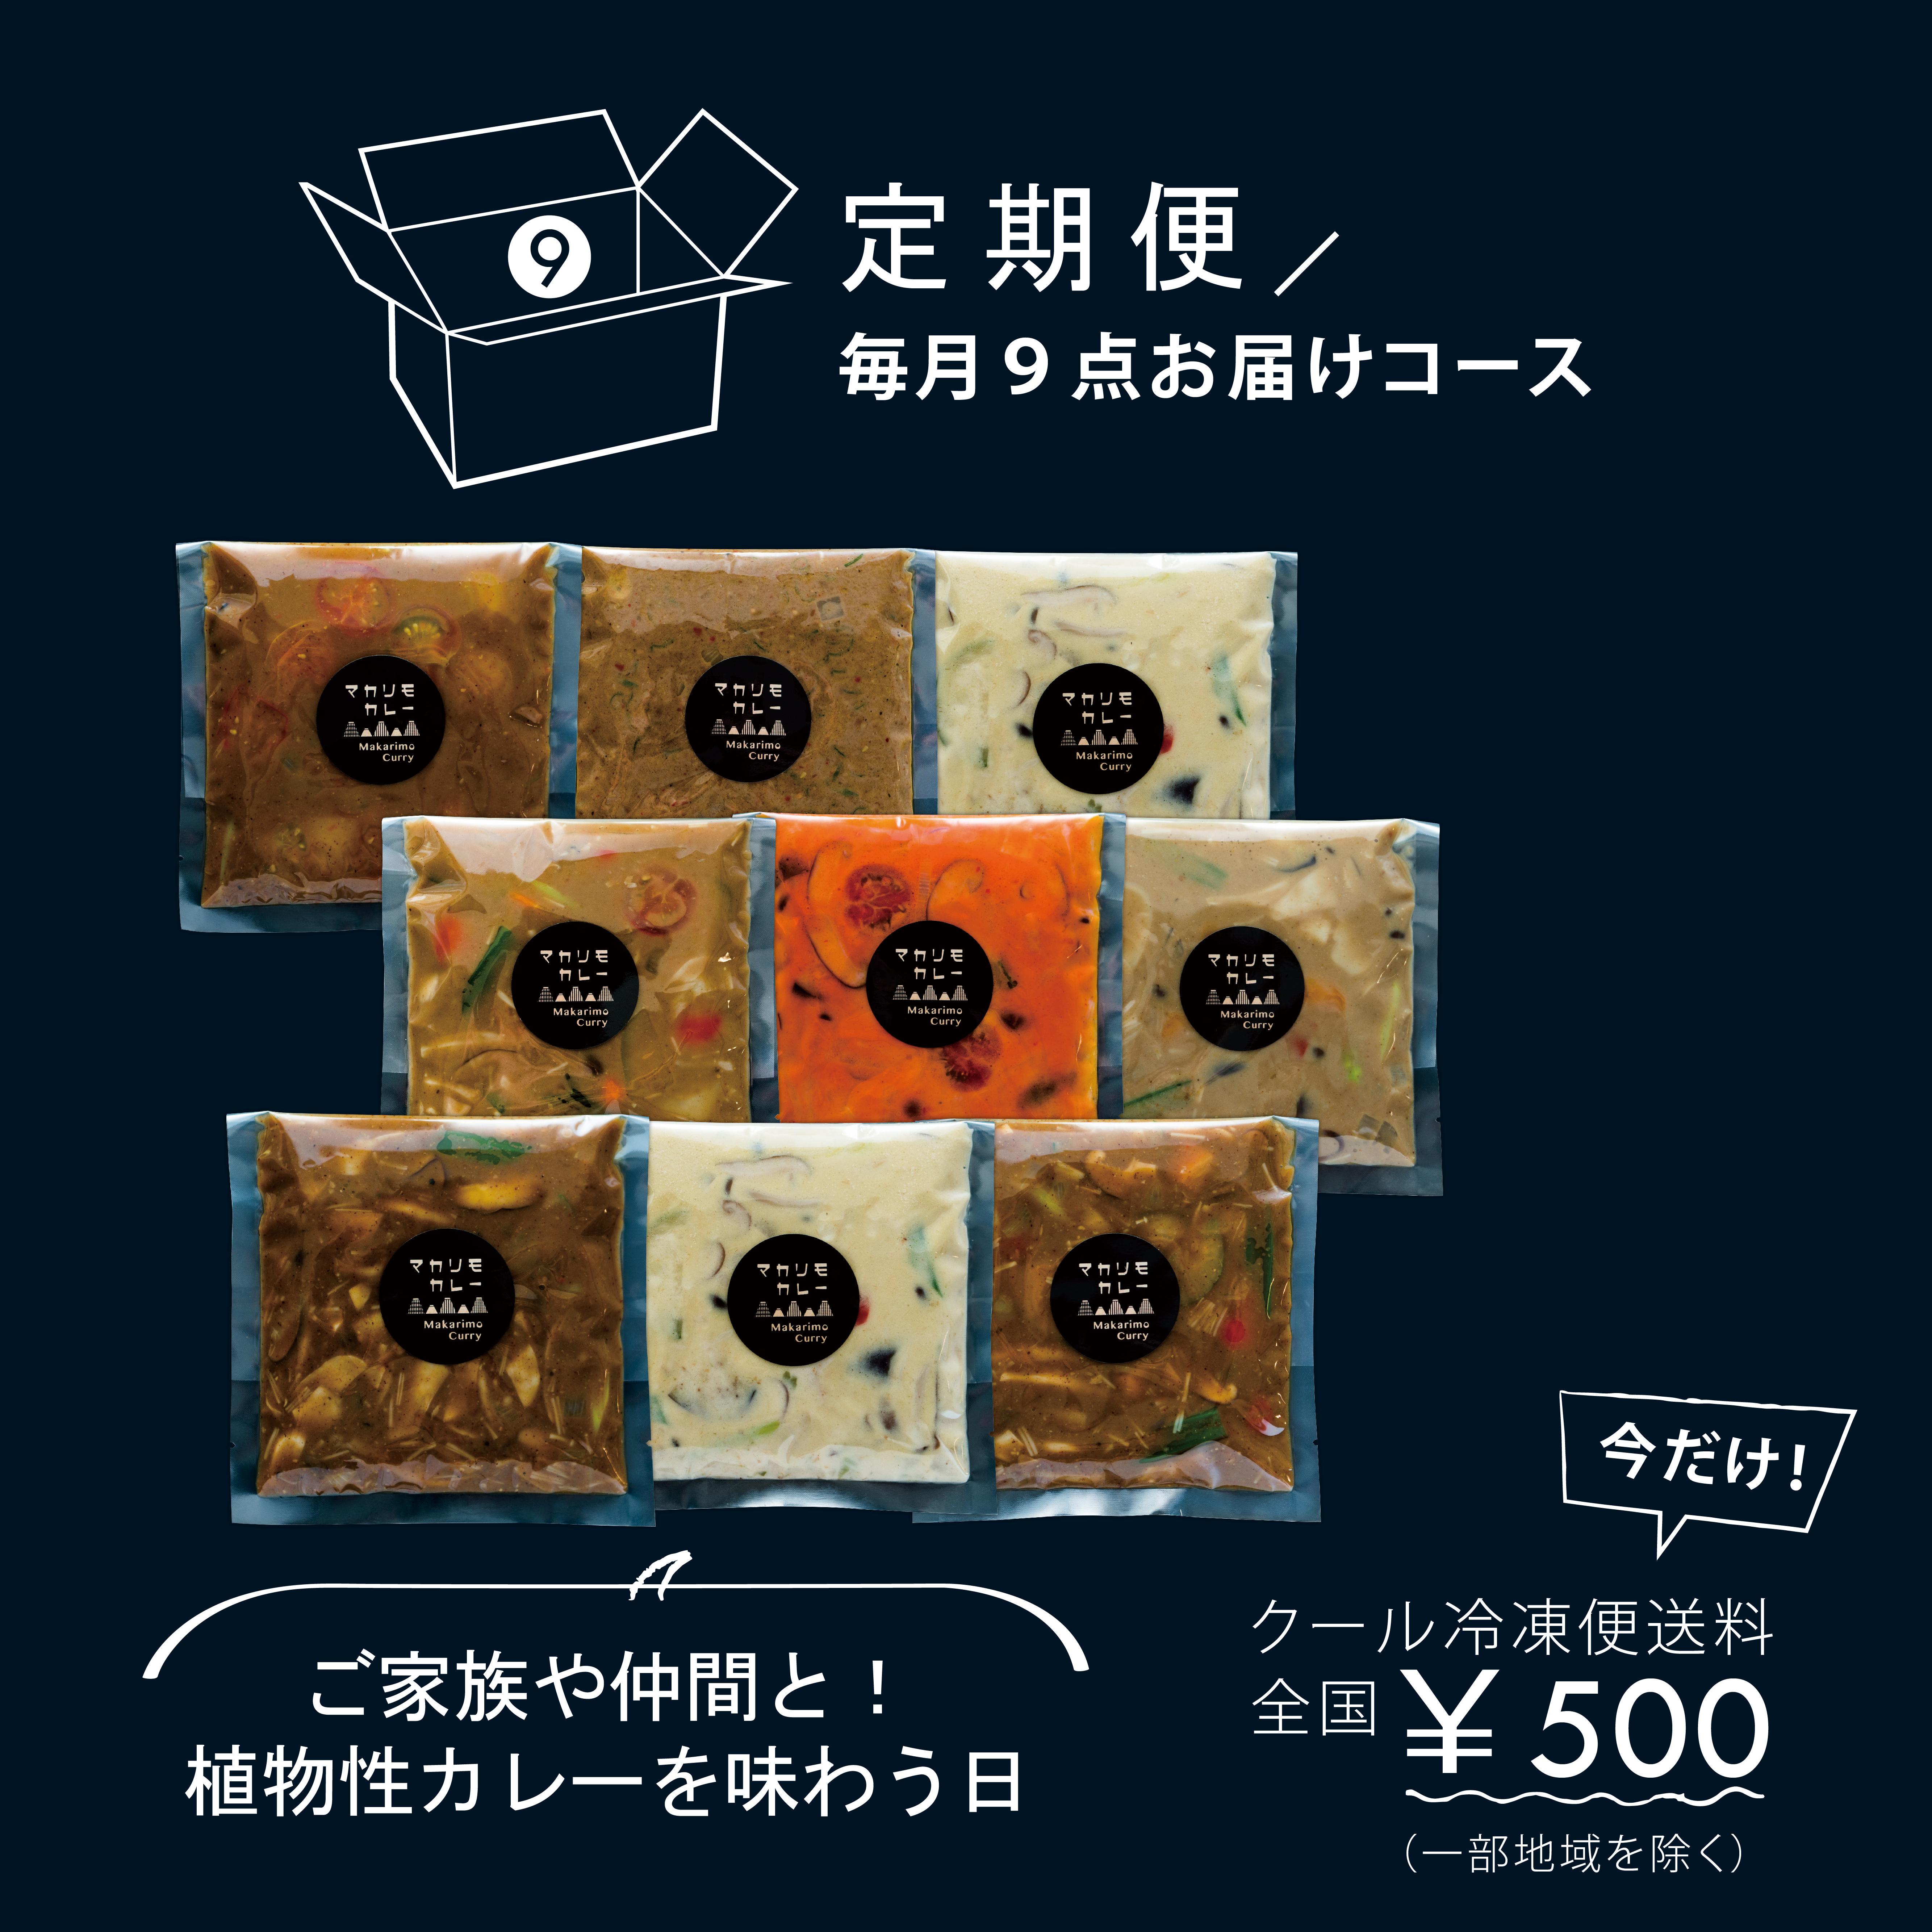 冷凍カレールウ / 毎月9点お届けコース / クール冷凍便送料500円(一部700円)でお届けします